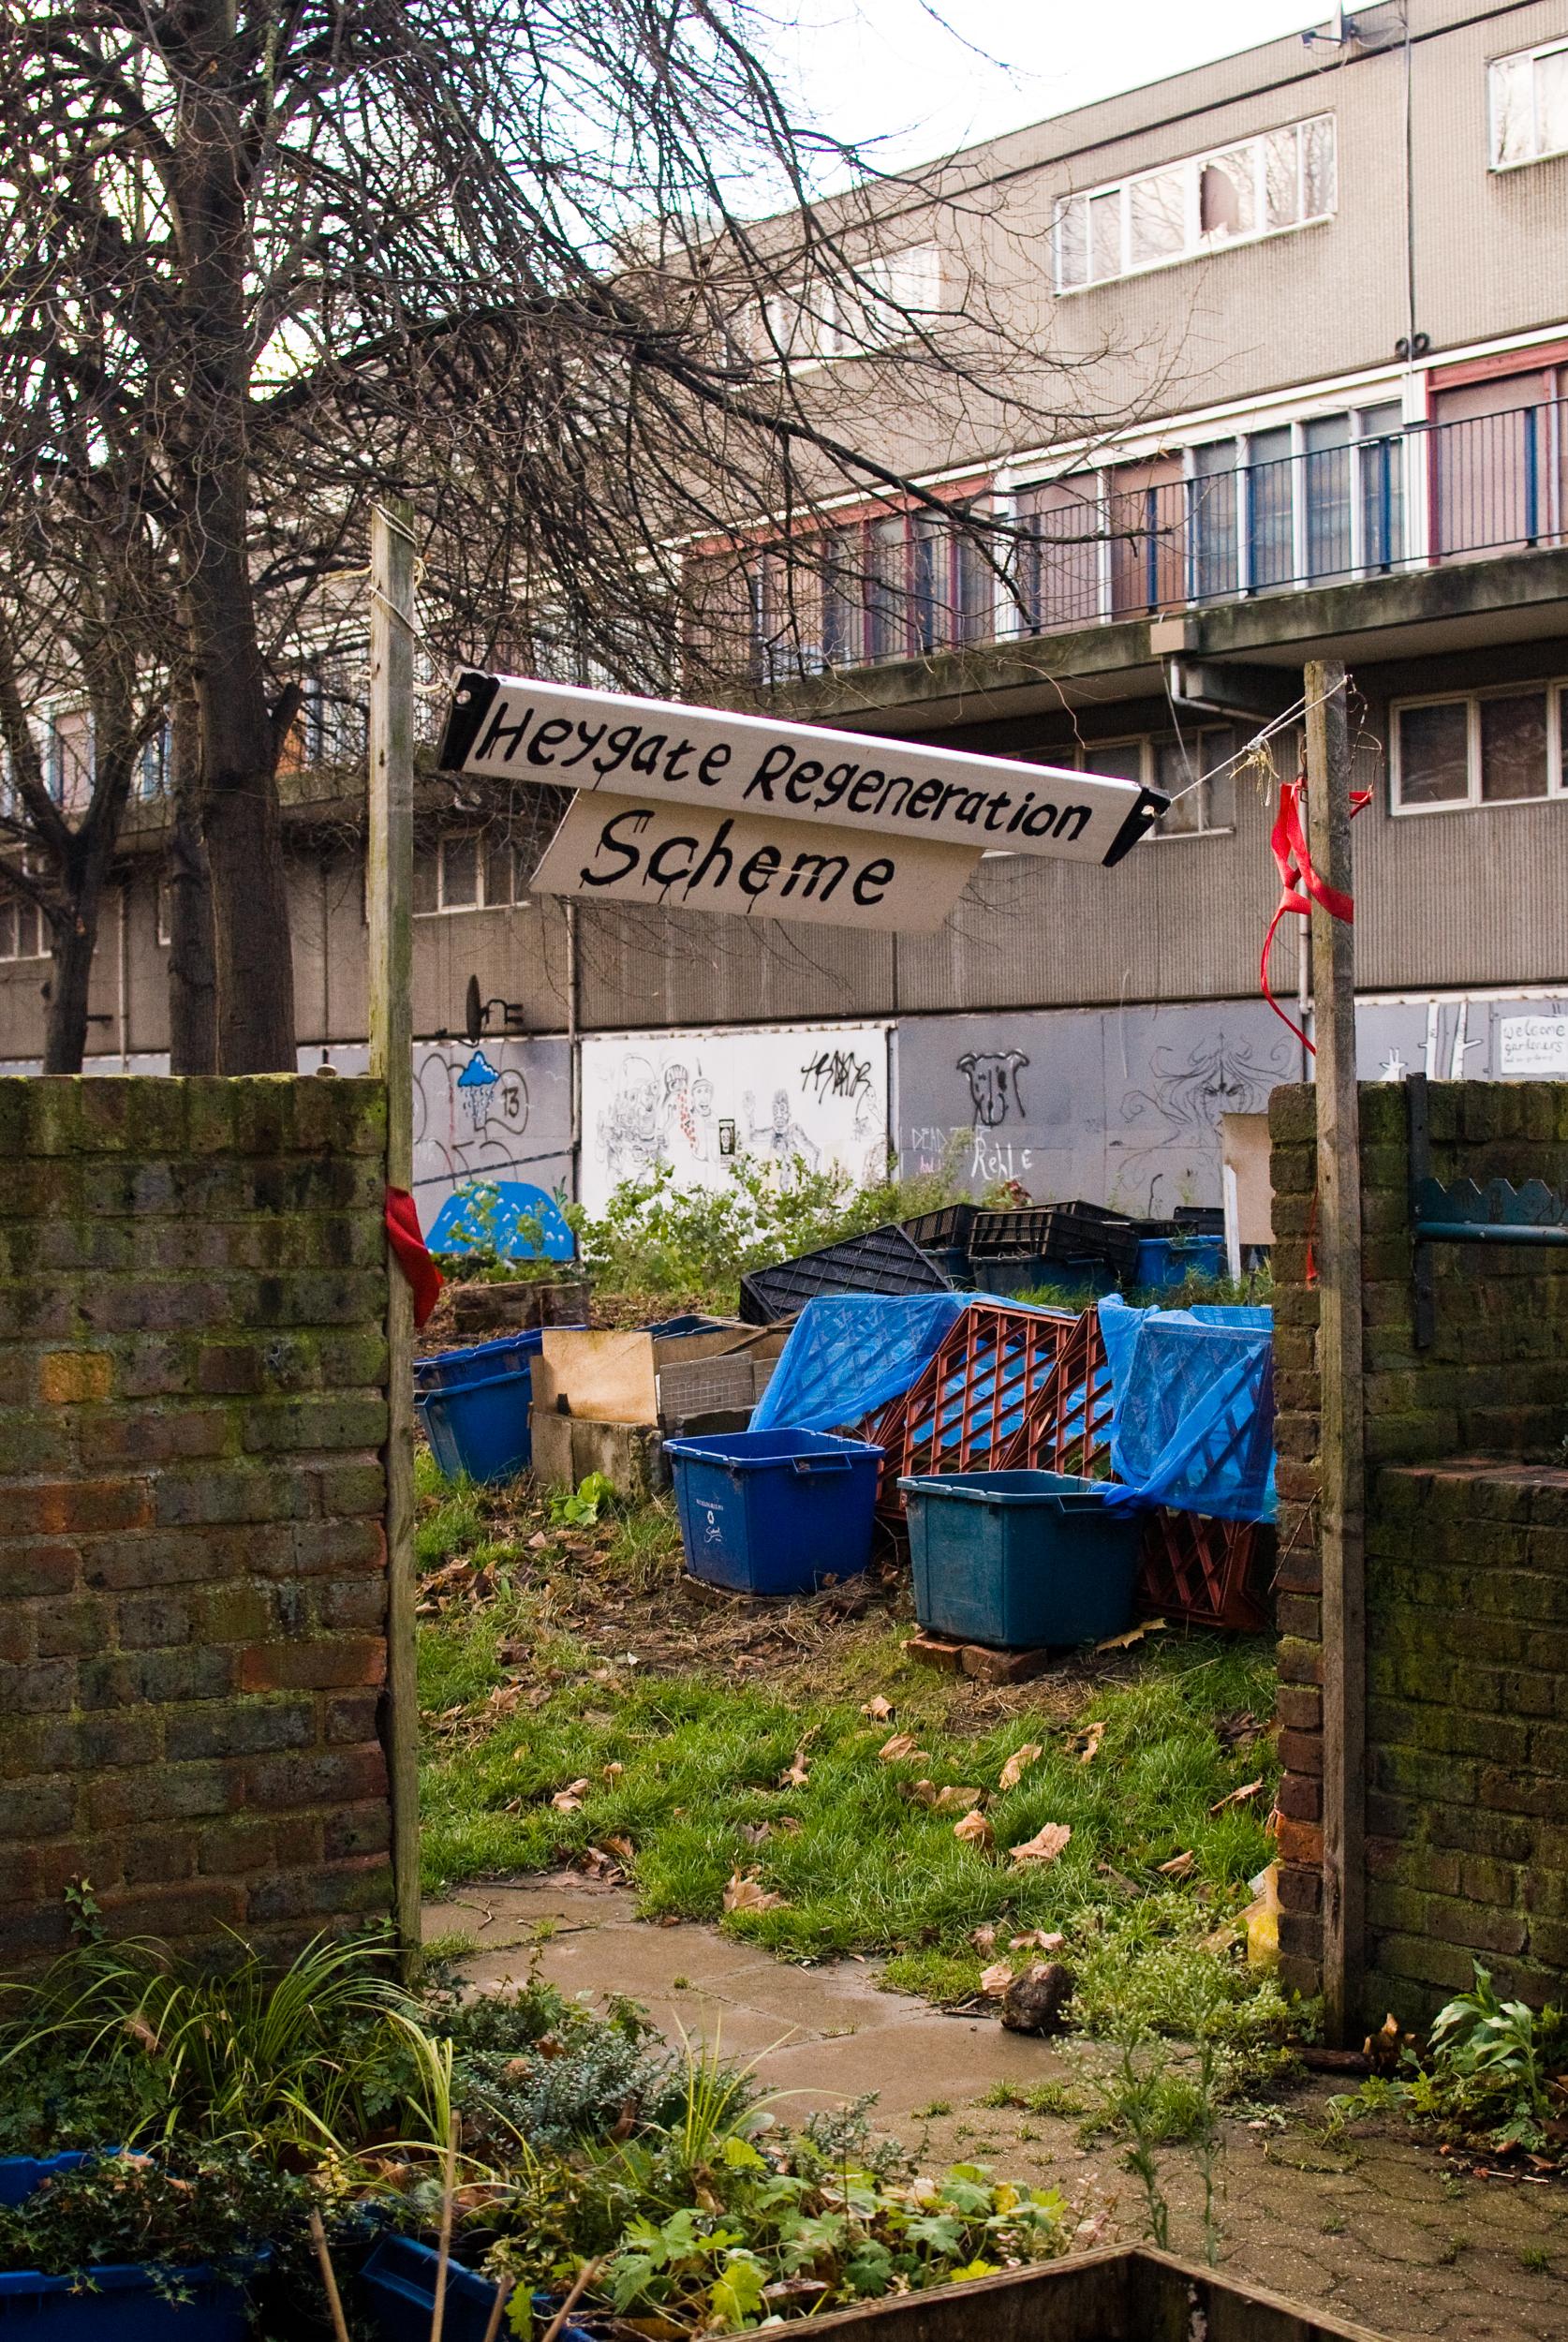 Georgina_cook_Heygate_estate_regeneration_scheme.jpg